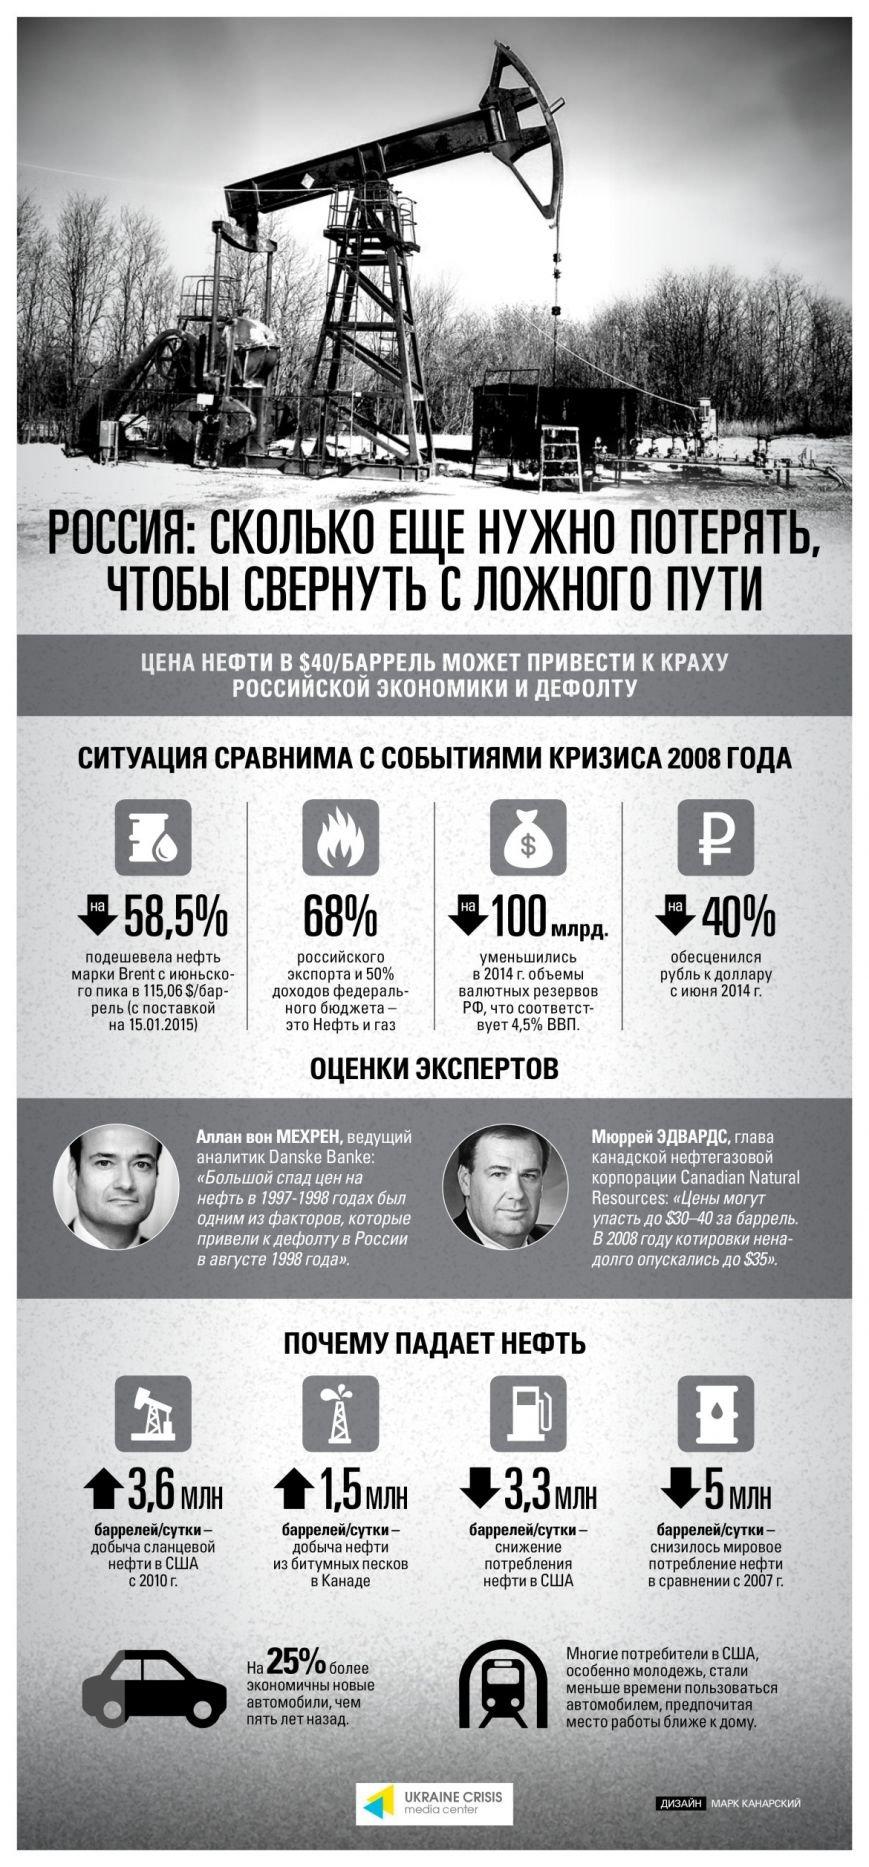 Цена нефти для России